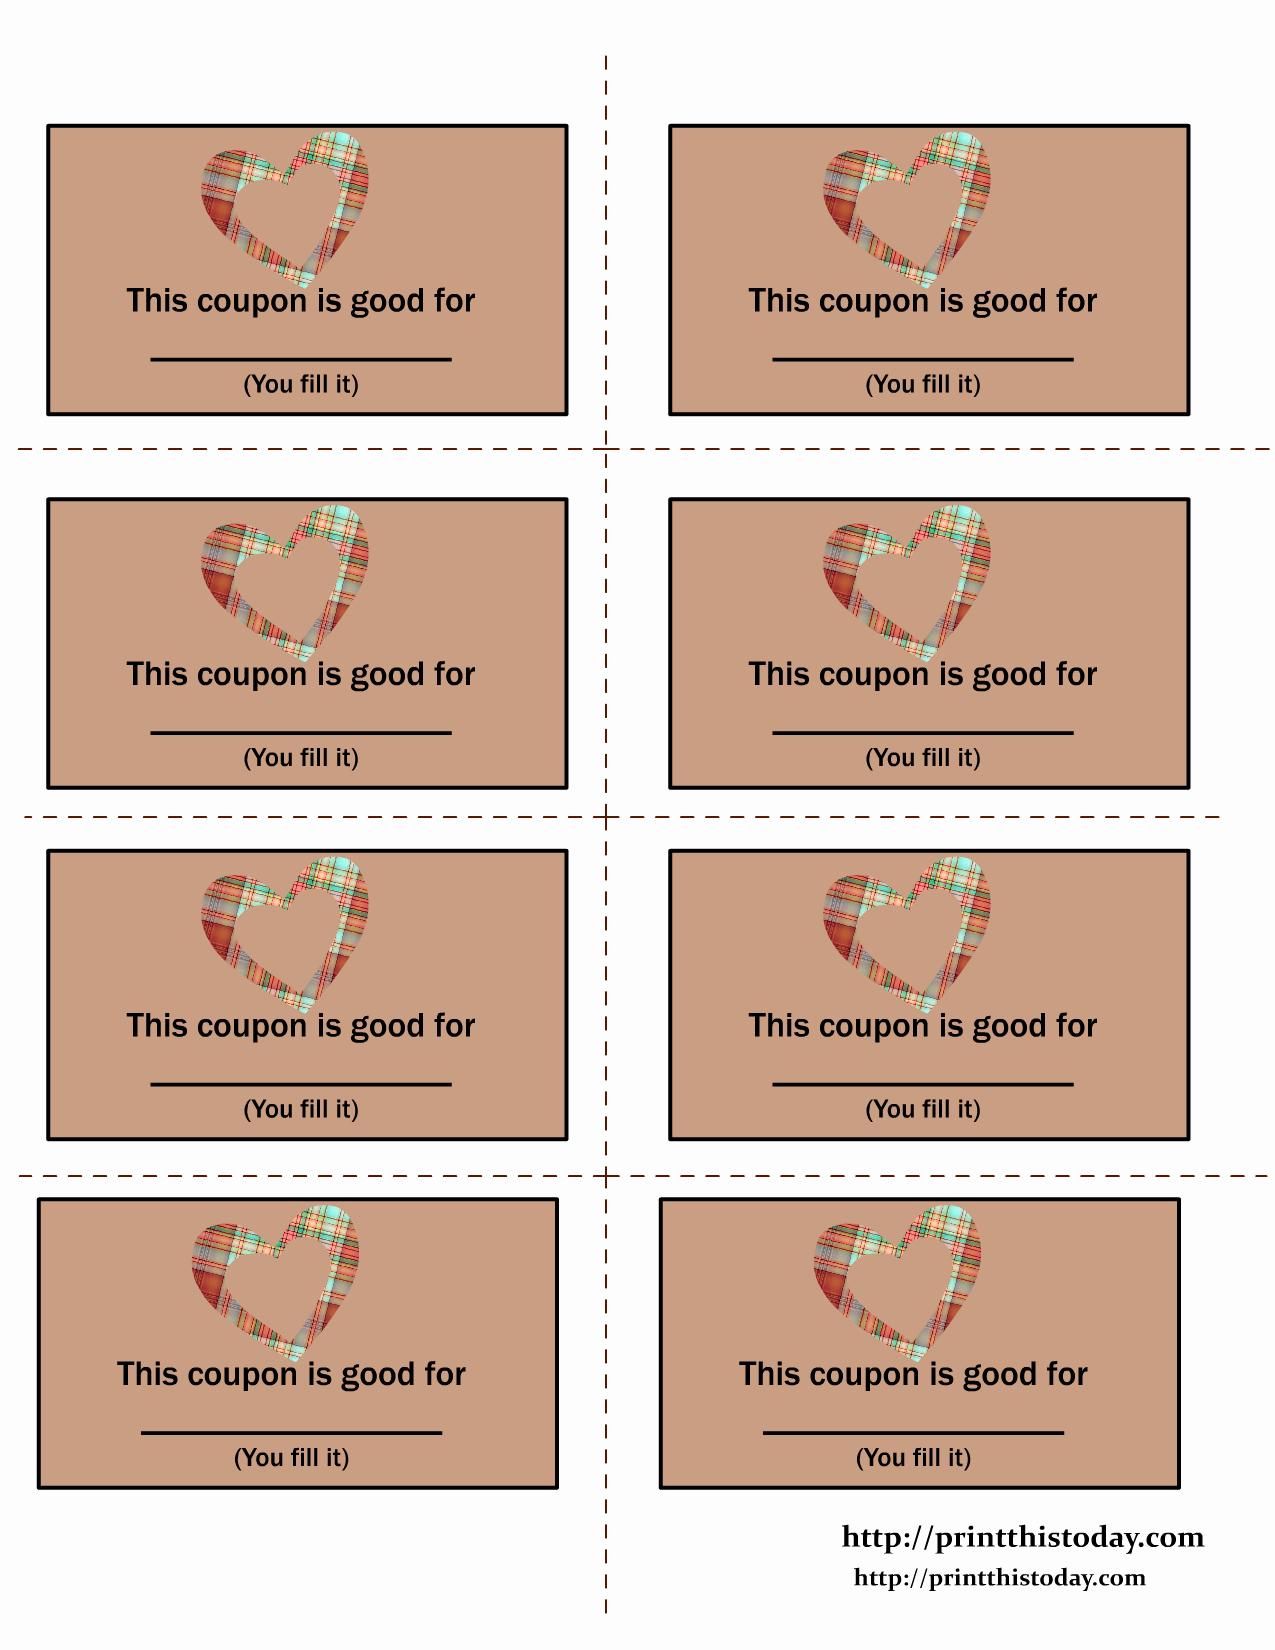 Free Printable Coupon Template Blank Awesome Printable Love Coupons